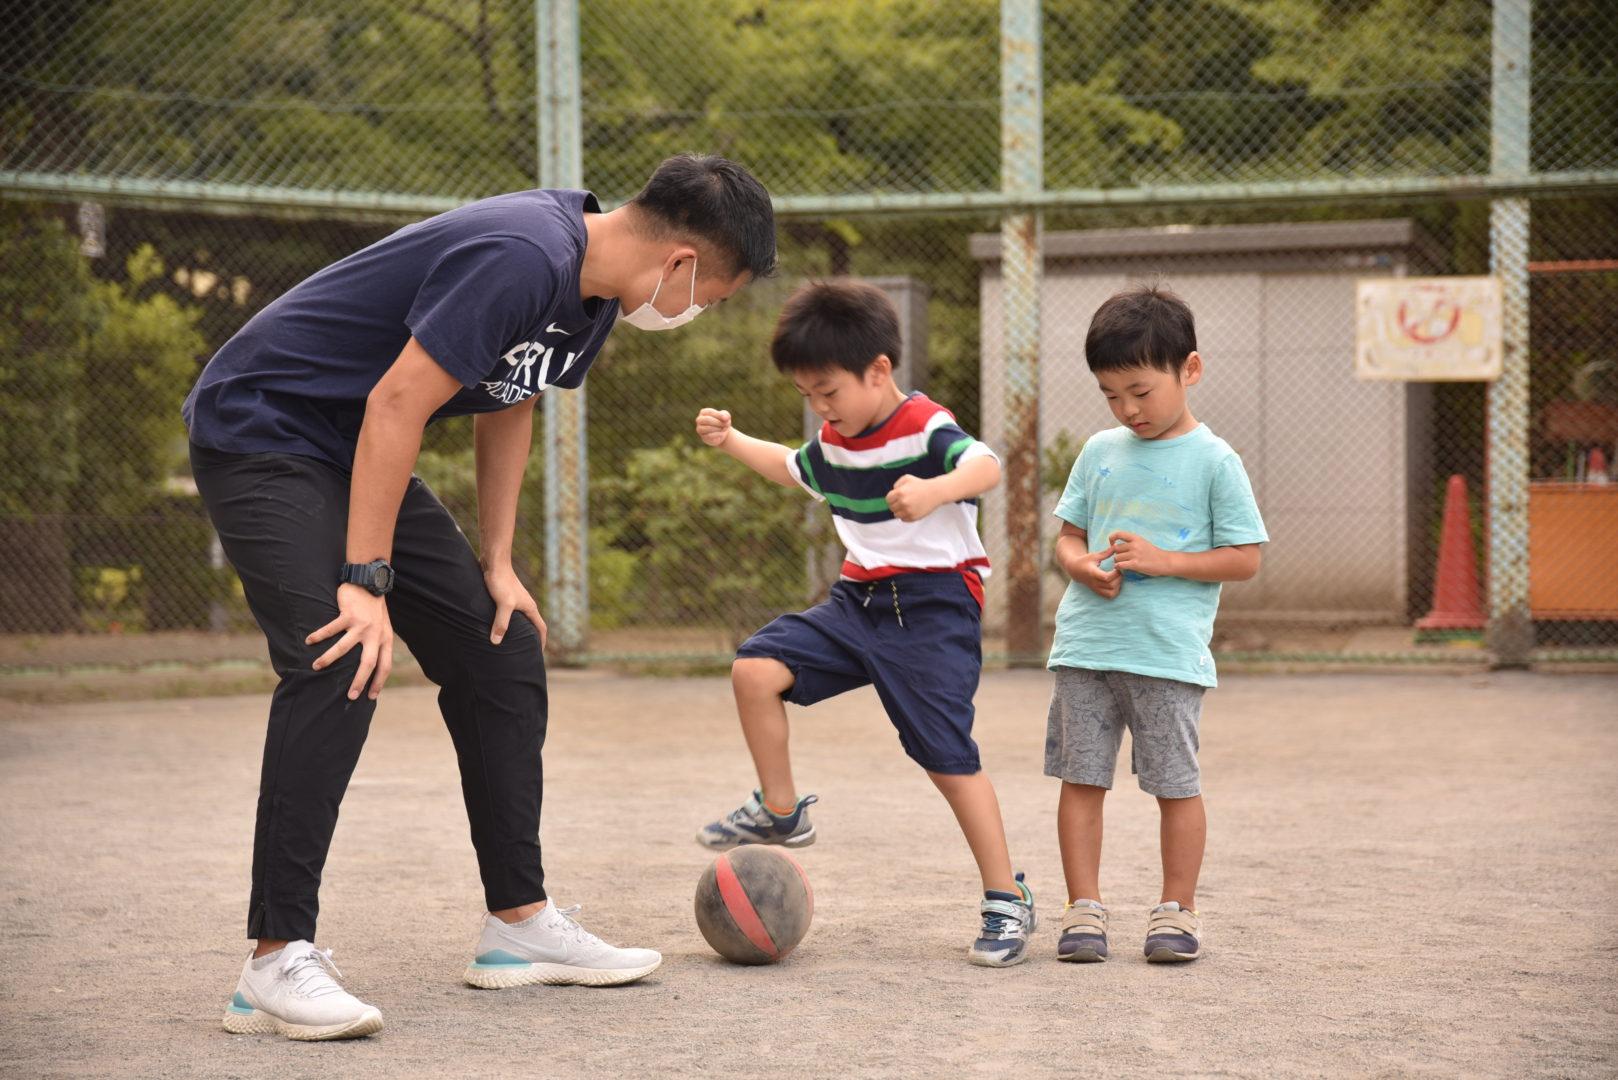 中村俊輔選手か中村憲剛選手か少年スポーツでは子どもの理想像の設定が大事